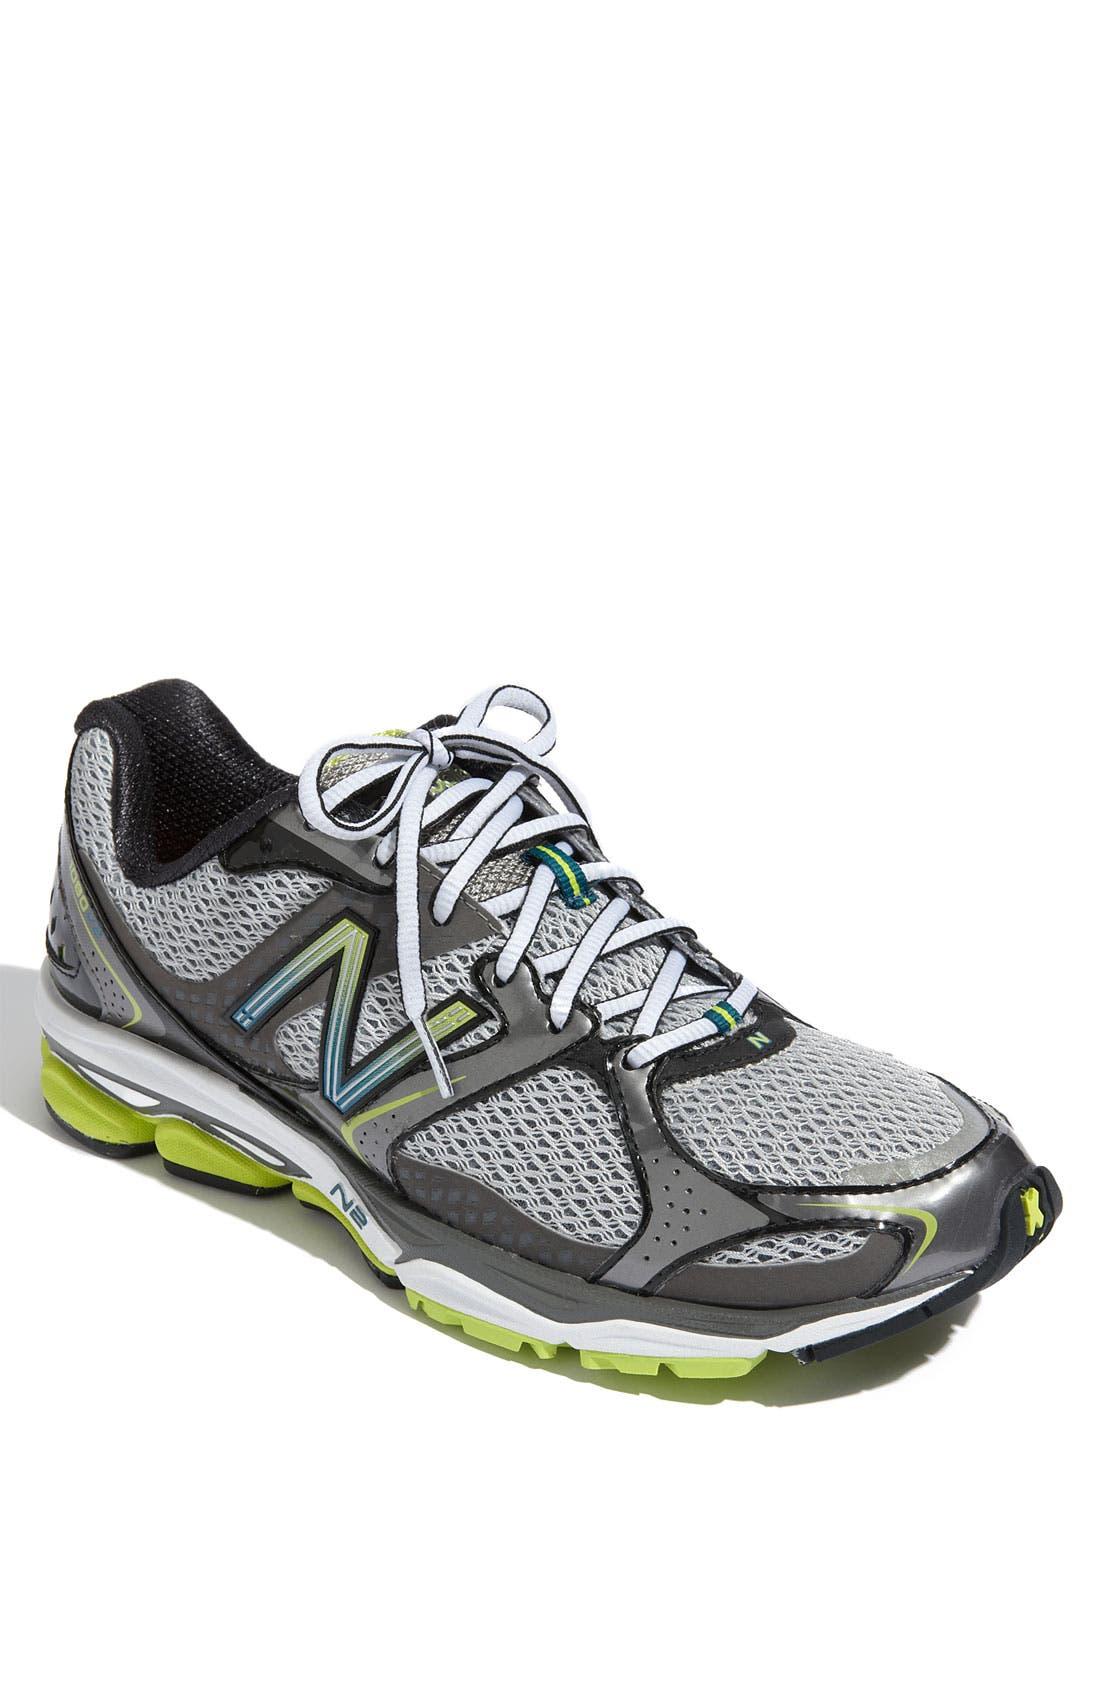 Main Image - New Balance '1080' Running Shoe (Men)